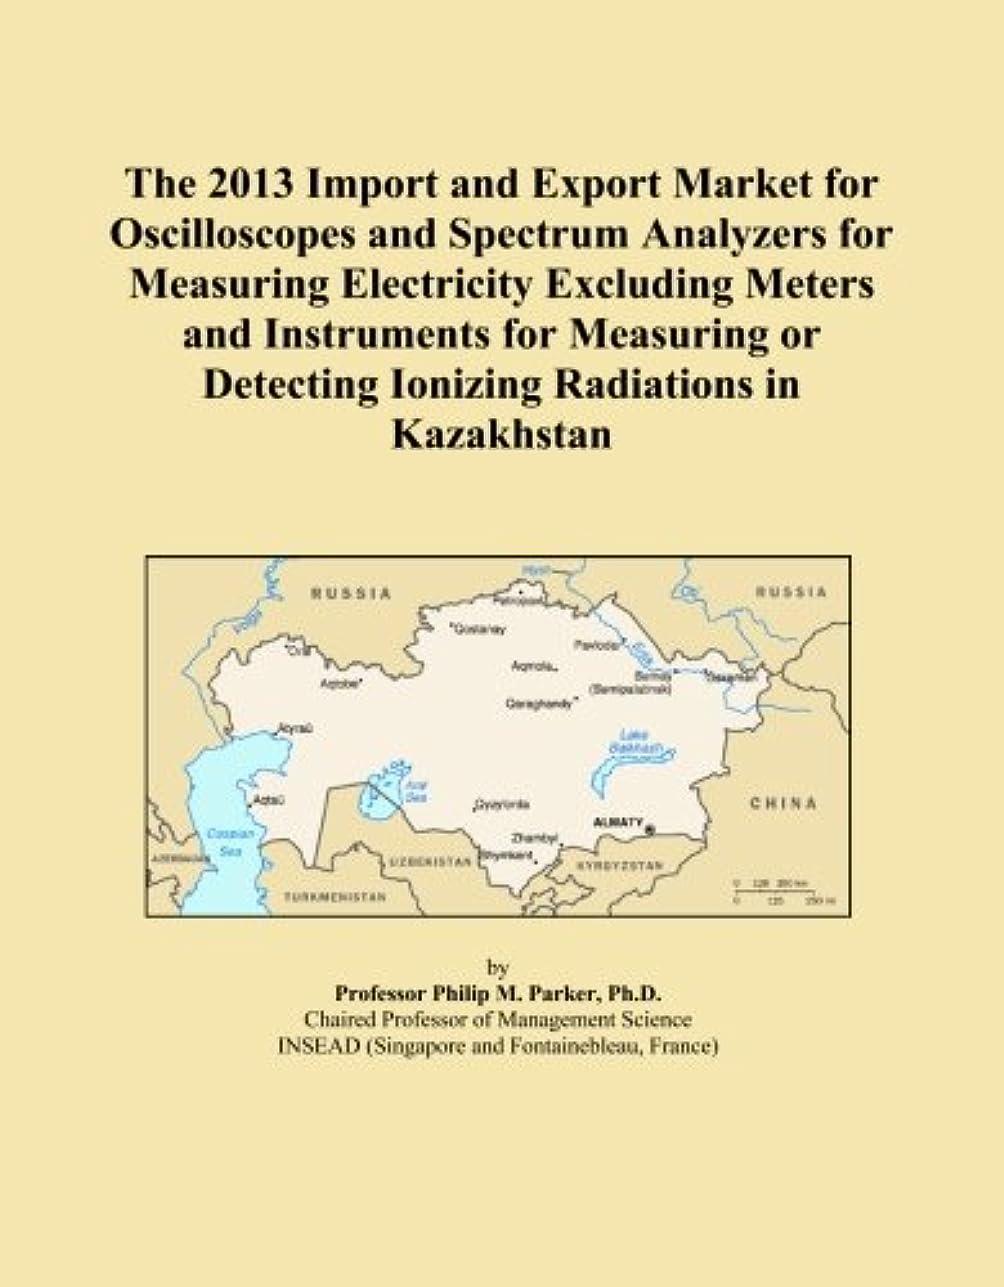 薬を飲む深遠好意The 2013 Import and Export Market for Oscilloscopes and Spectrum Analyzers for Measuring Electricity Excluding Meters and Instruments for Measuring or Detecting Ionizing Radiations in Kazakhstan